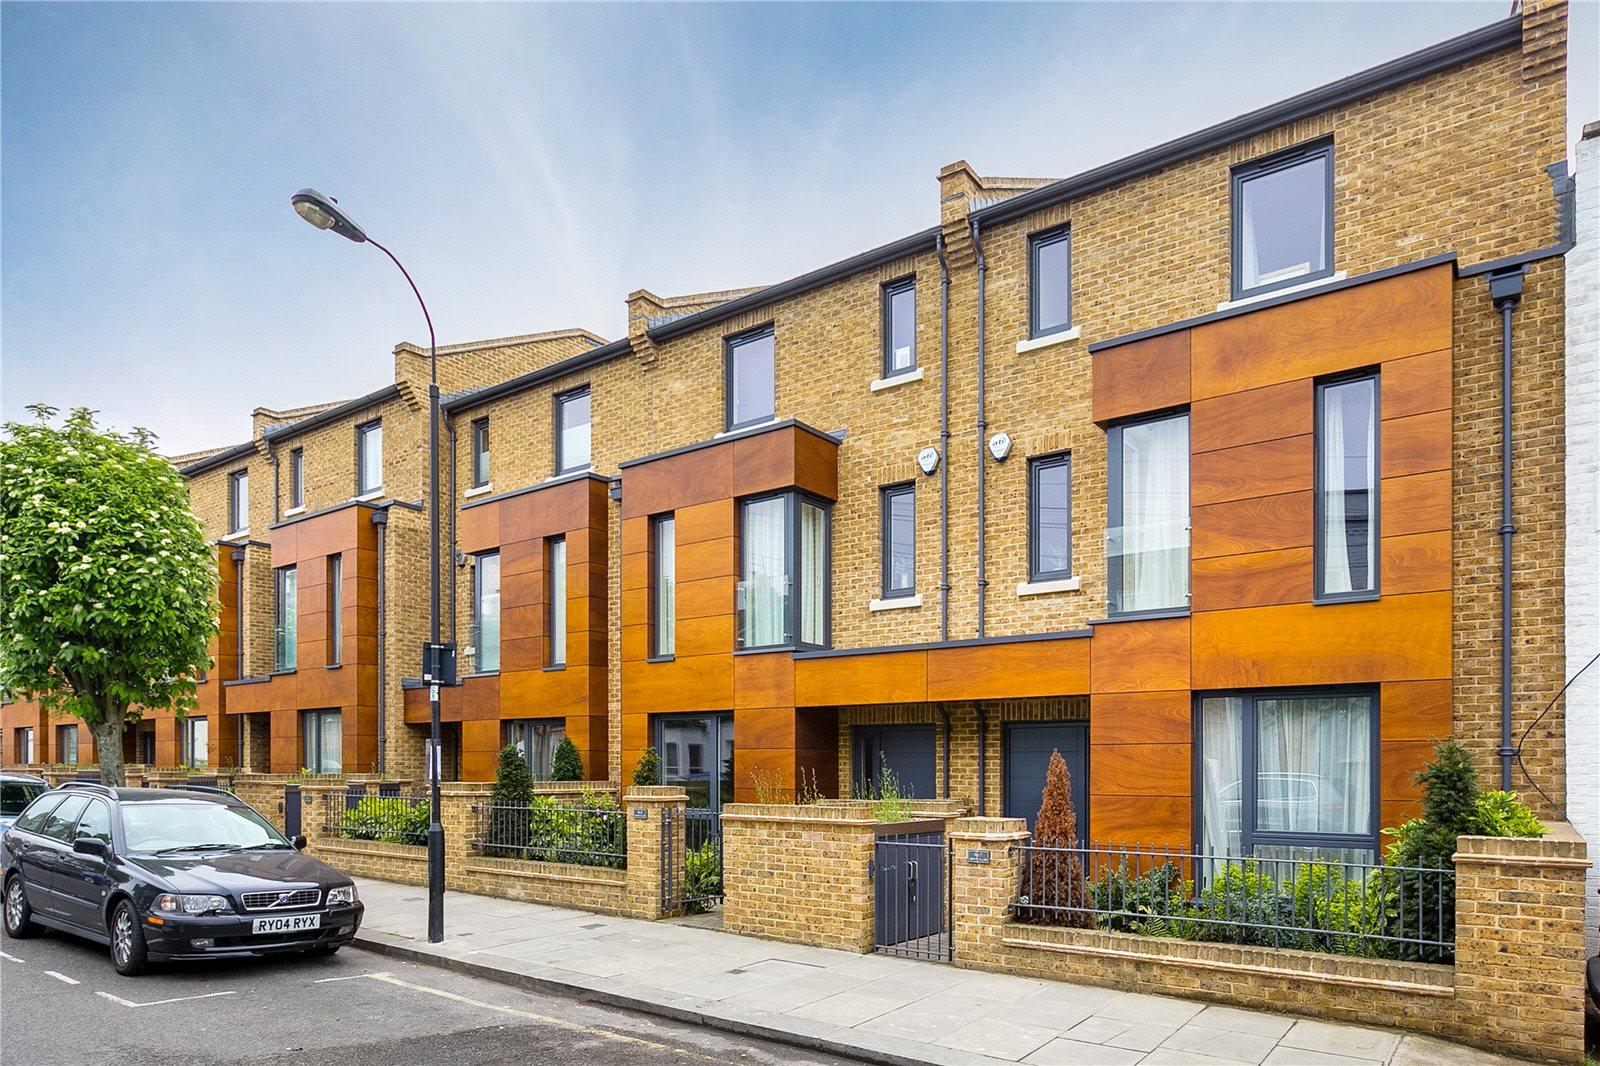 4 bedroom terraced house for sale in aspen villas, 1a gayford road